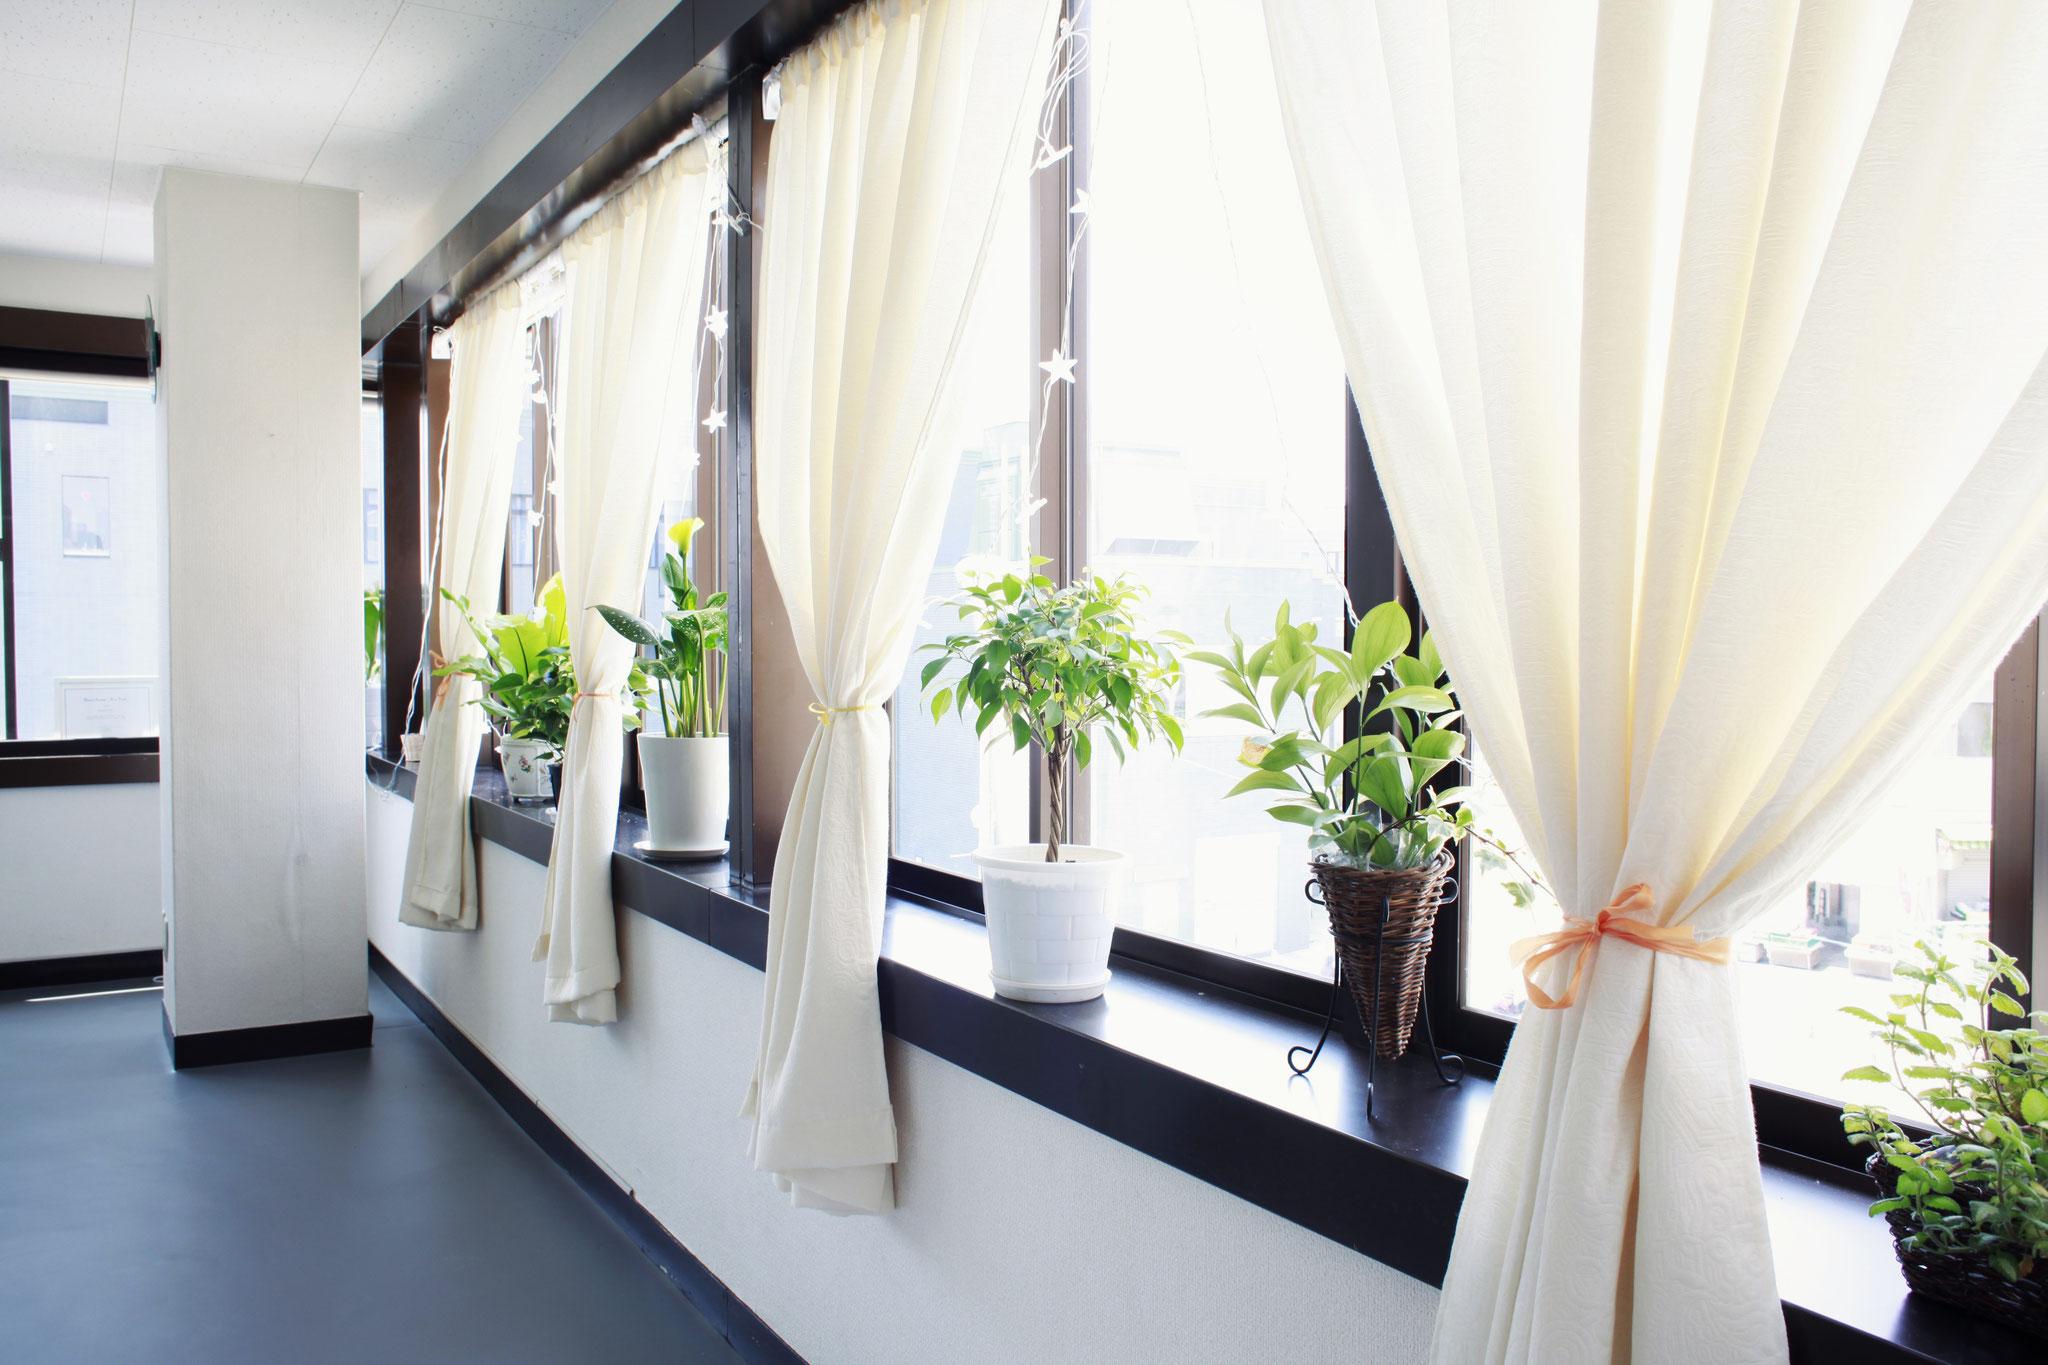 ◆3階に位置し、スタジオの二面が窓ですので見渡しが良く、日中は日当たり良好です!